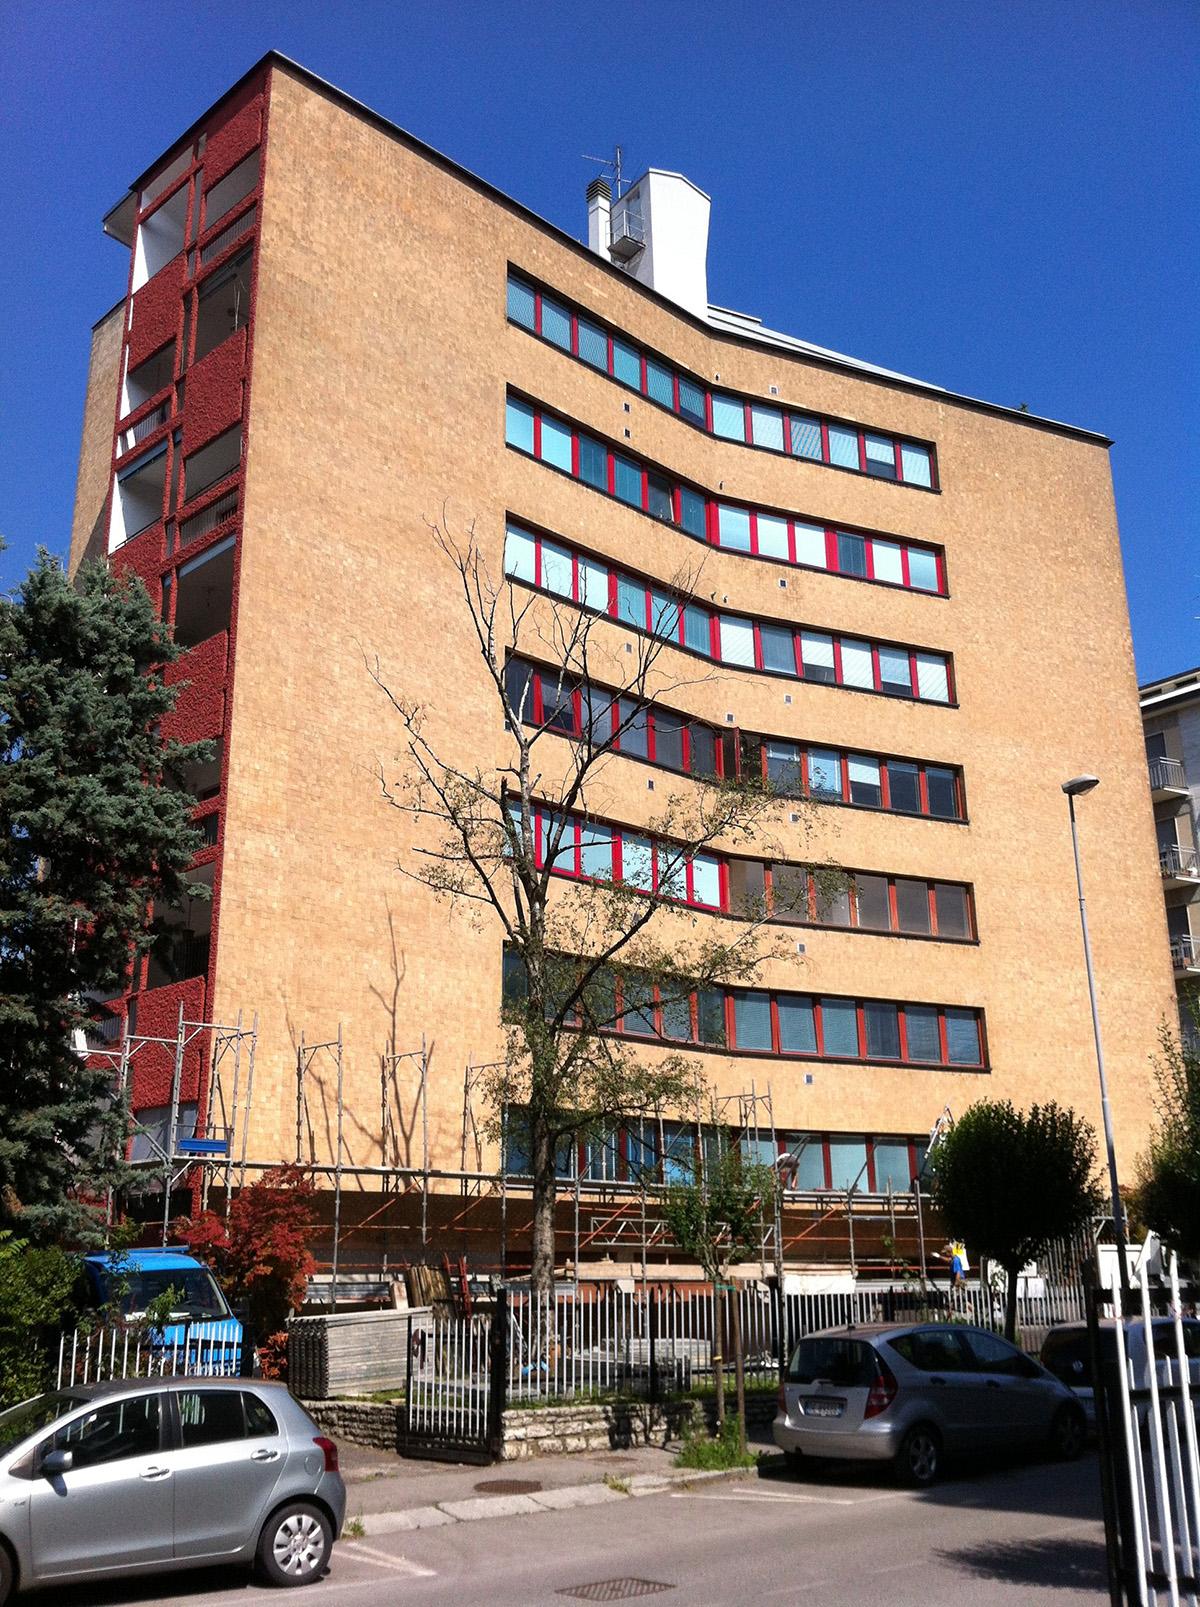 Perico-Renato-Bergamo - Condominio Edildalmine - Risanamento facciate 11